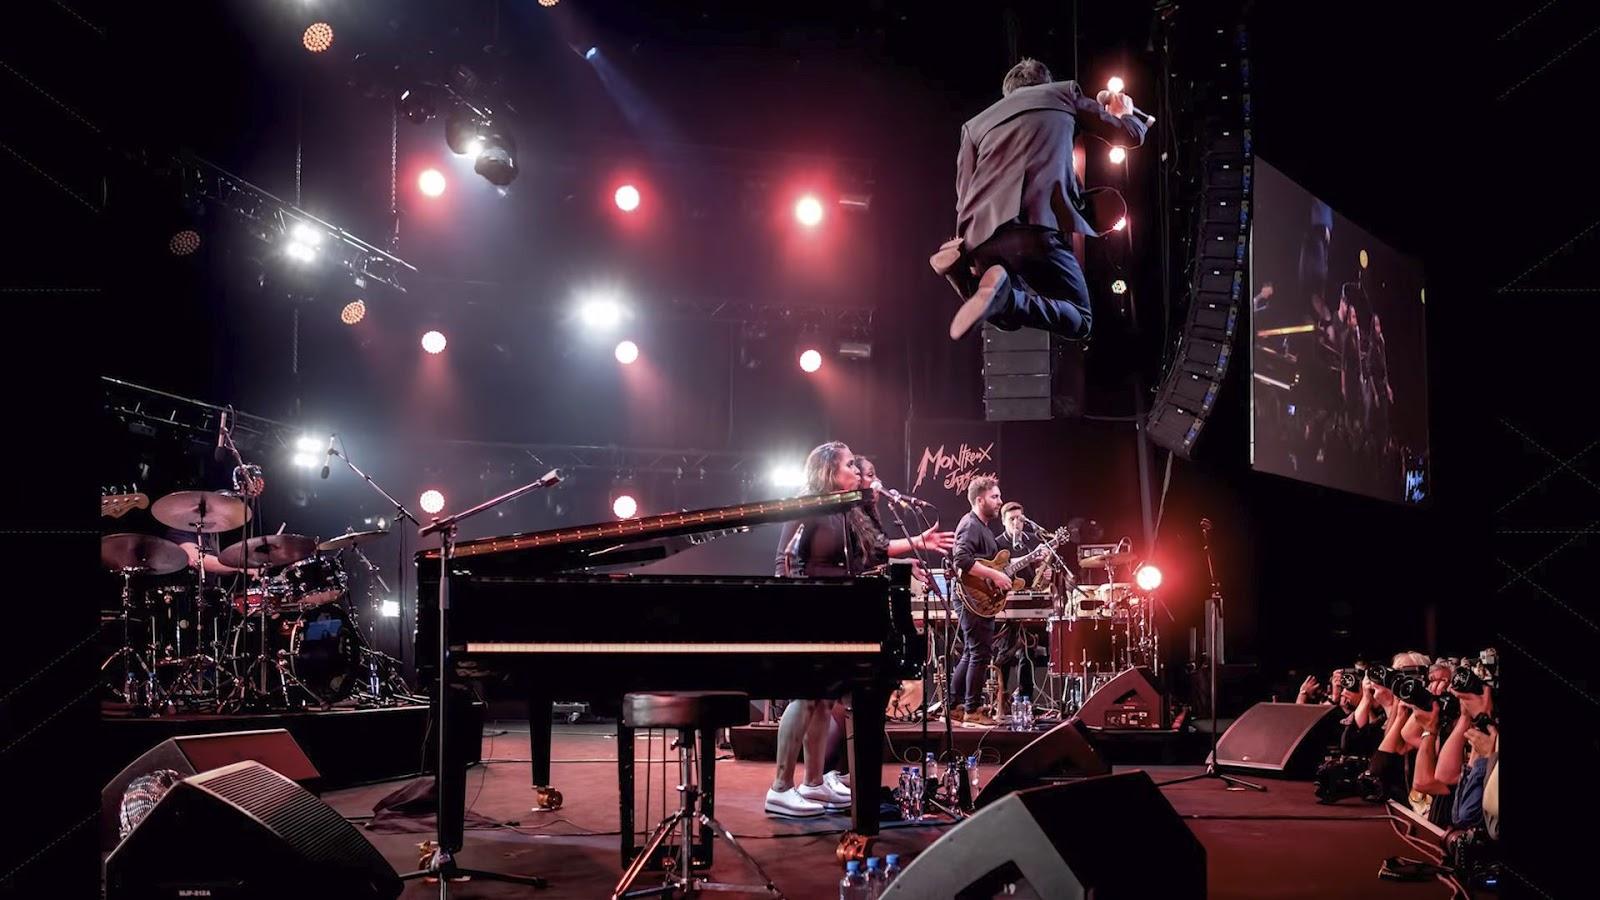 Музыкальное выступление на сцене